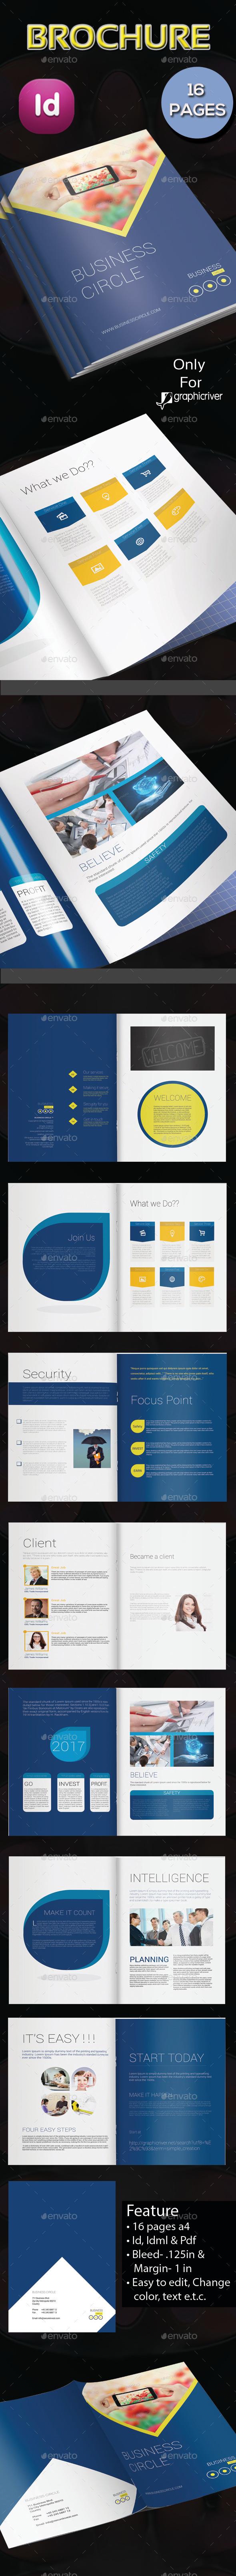 Business Brochure 04 - Corporate Brochures